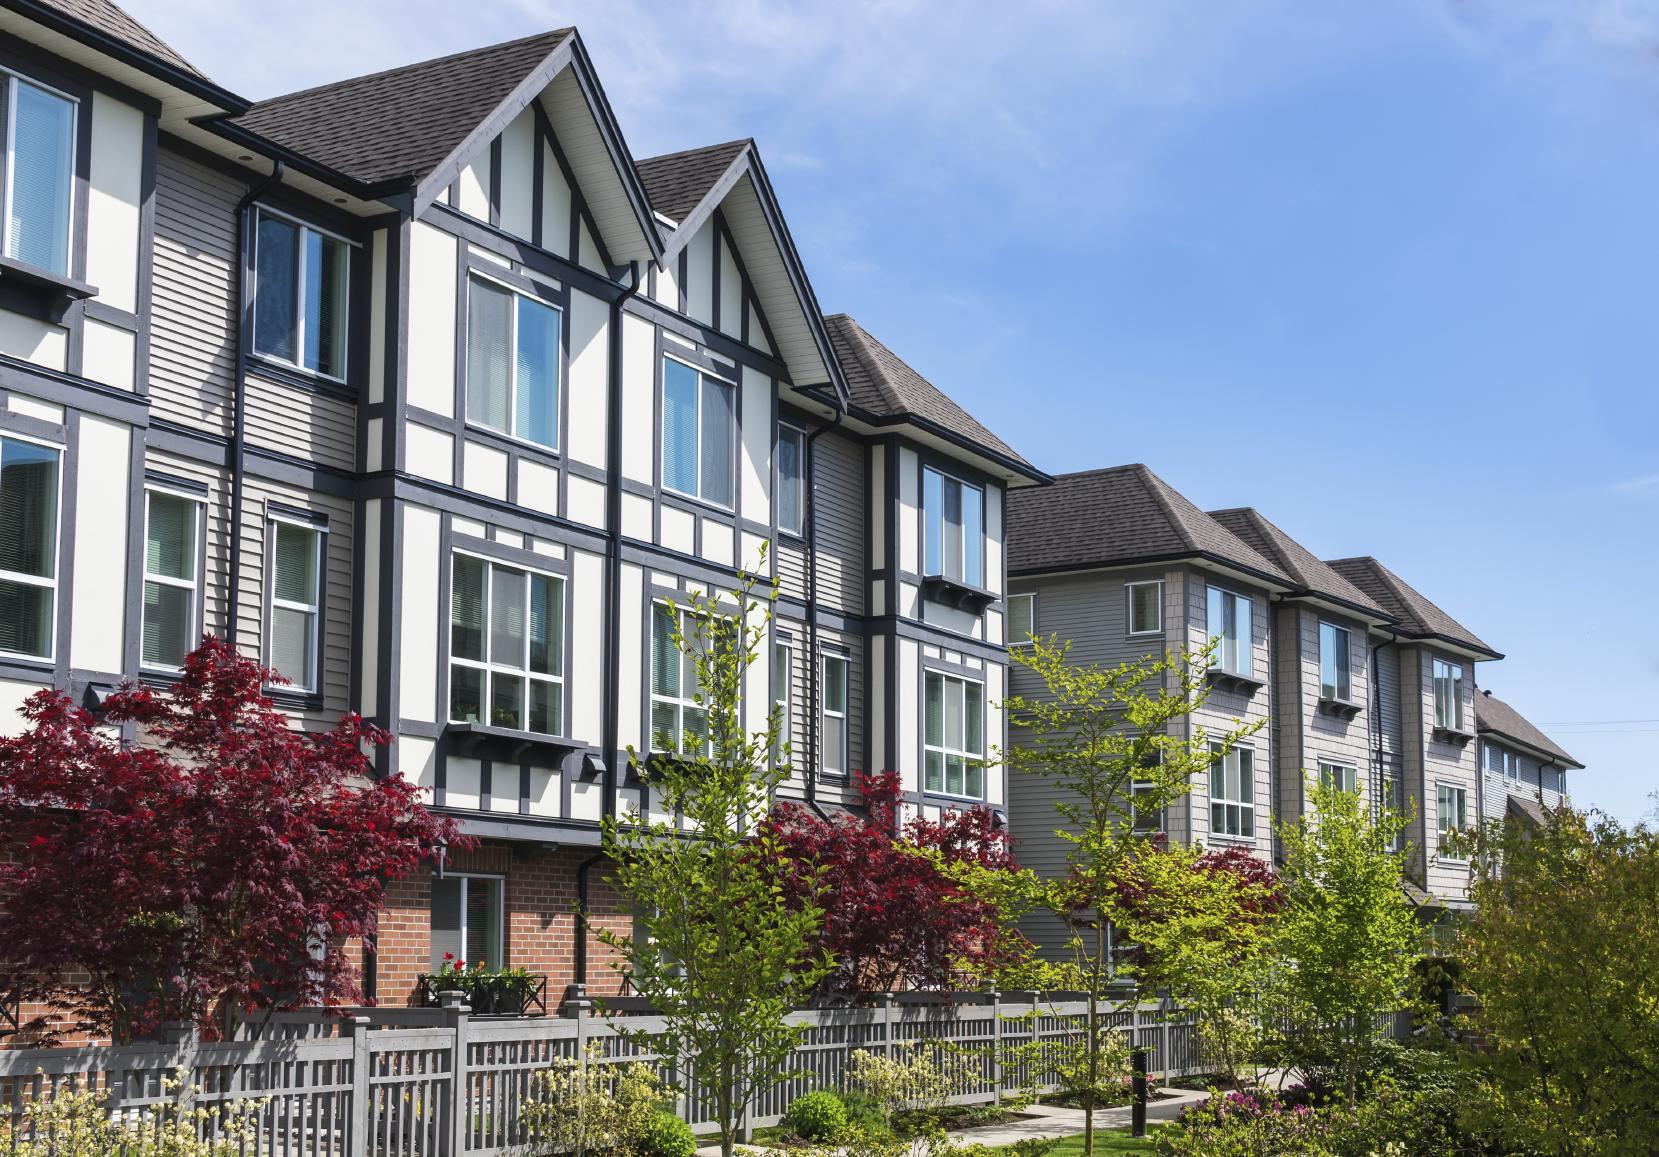 外國人在加拿大買了房子卻長期讓房子空著,可能會被收房屋空置稅。(iStock)